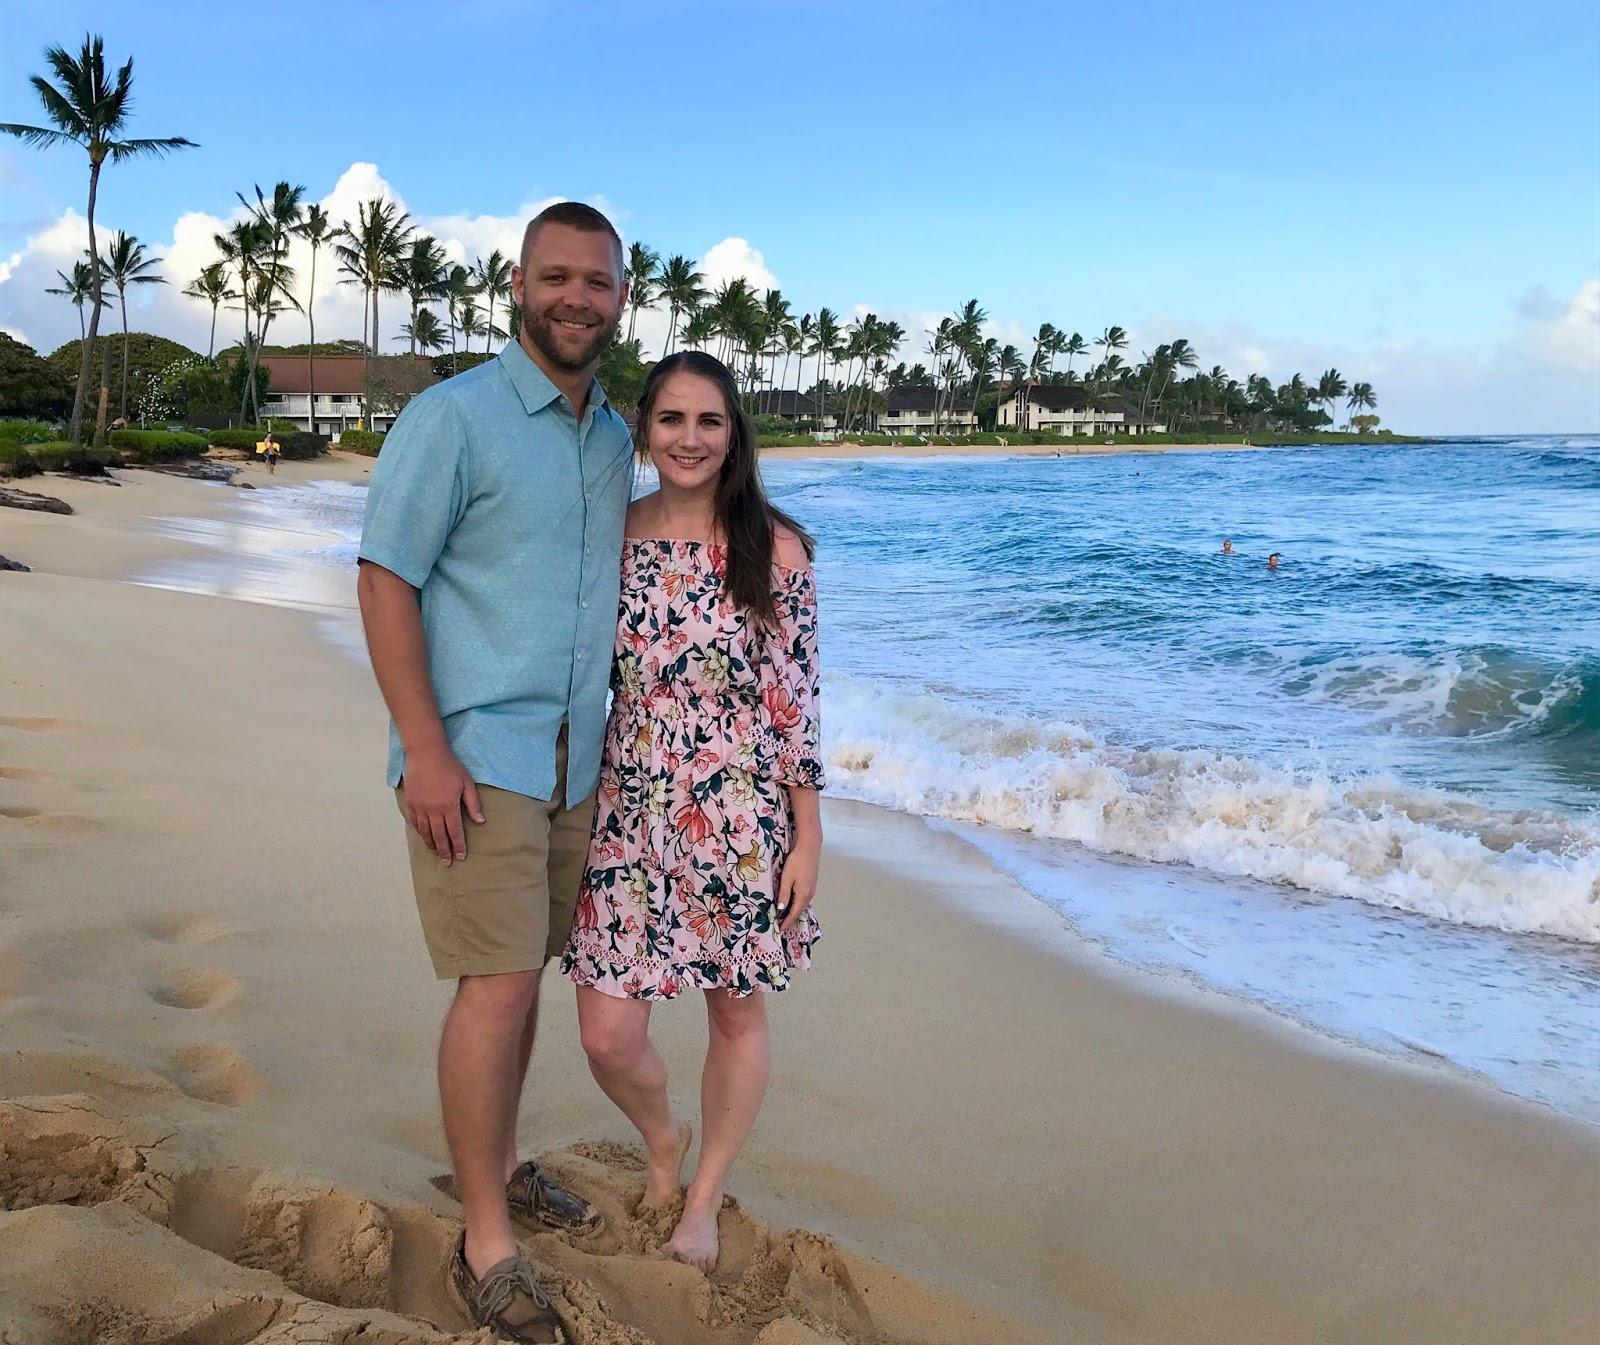 6 Days Itinerary in Kauai | Beach outside of Sheraton in Kauai | What to do in Kauai | A Memory of Us